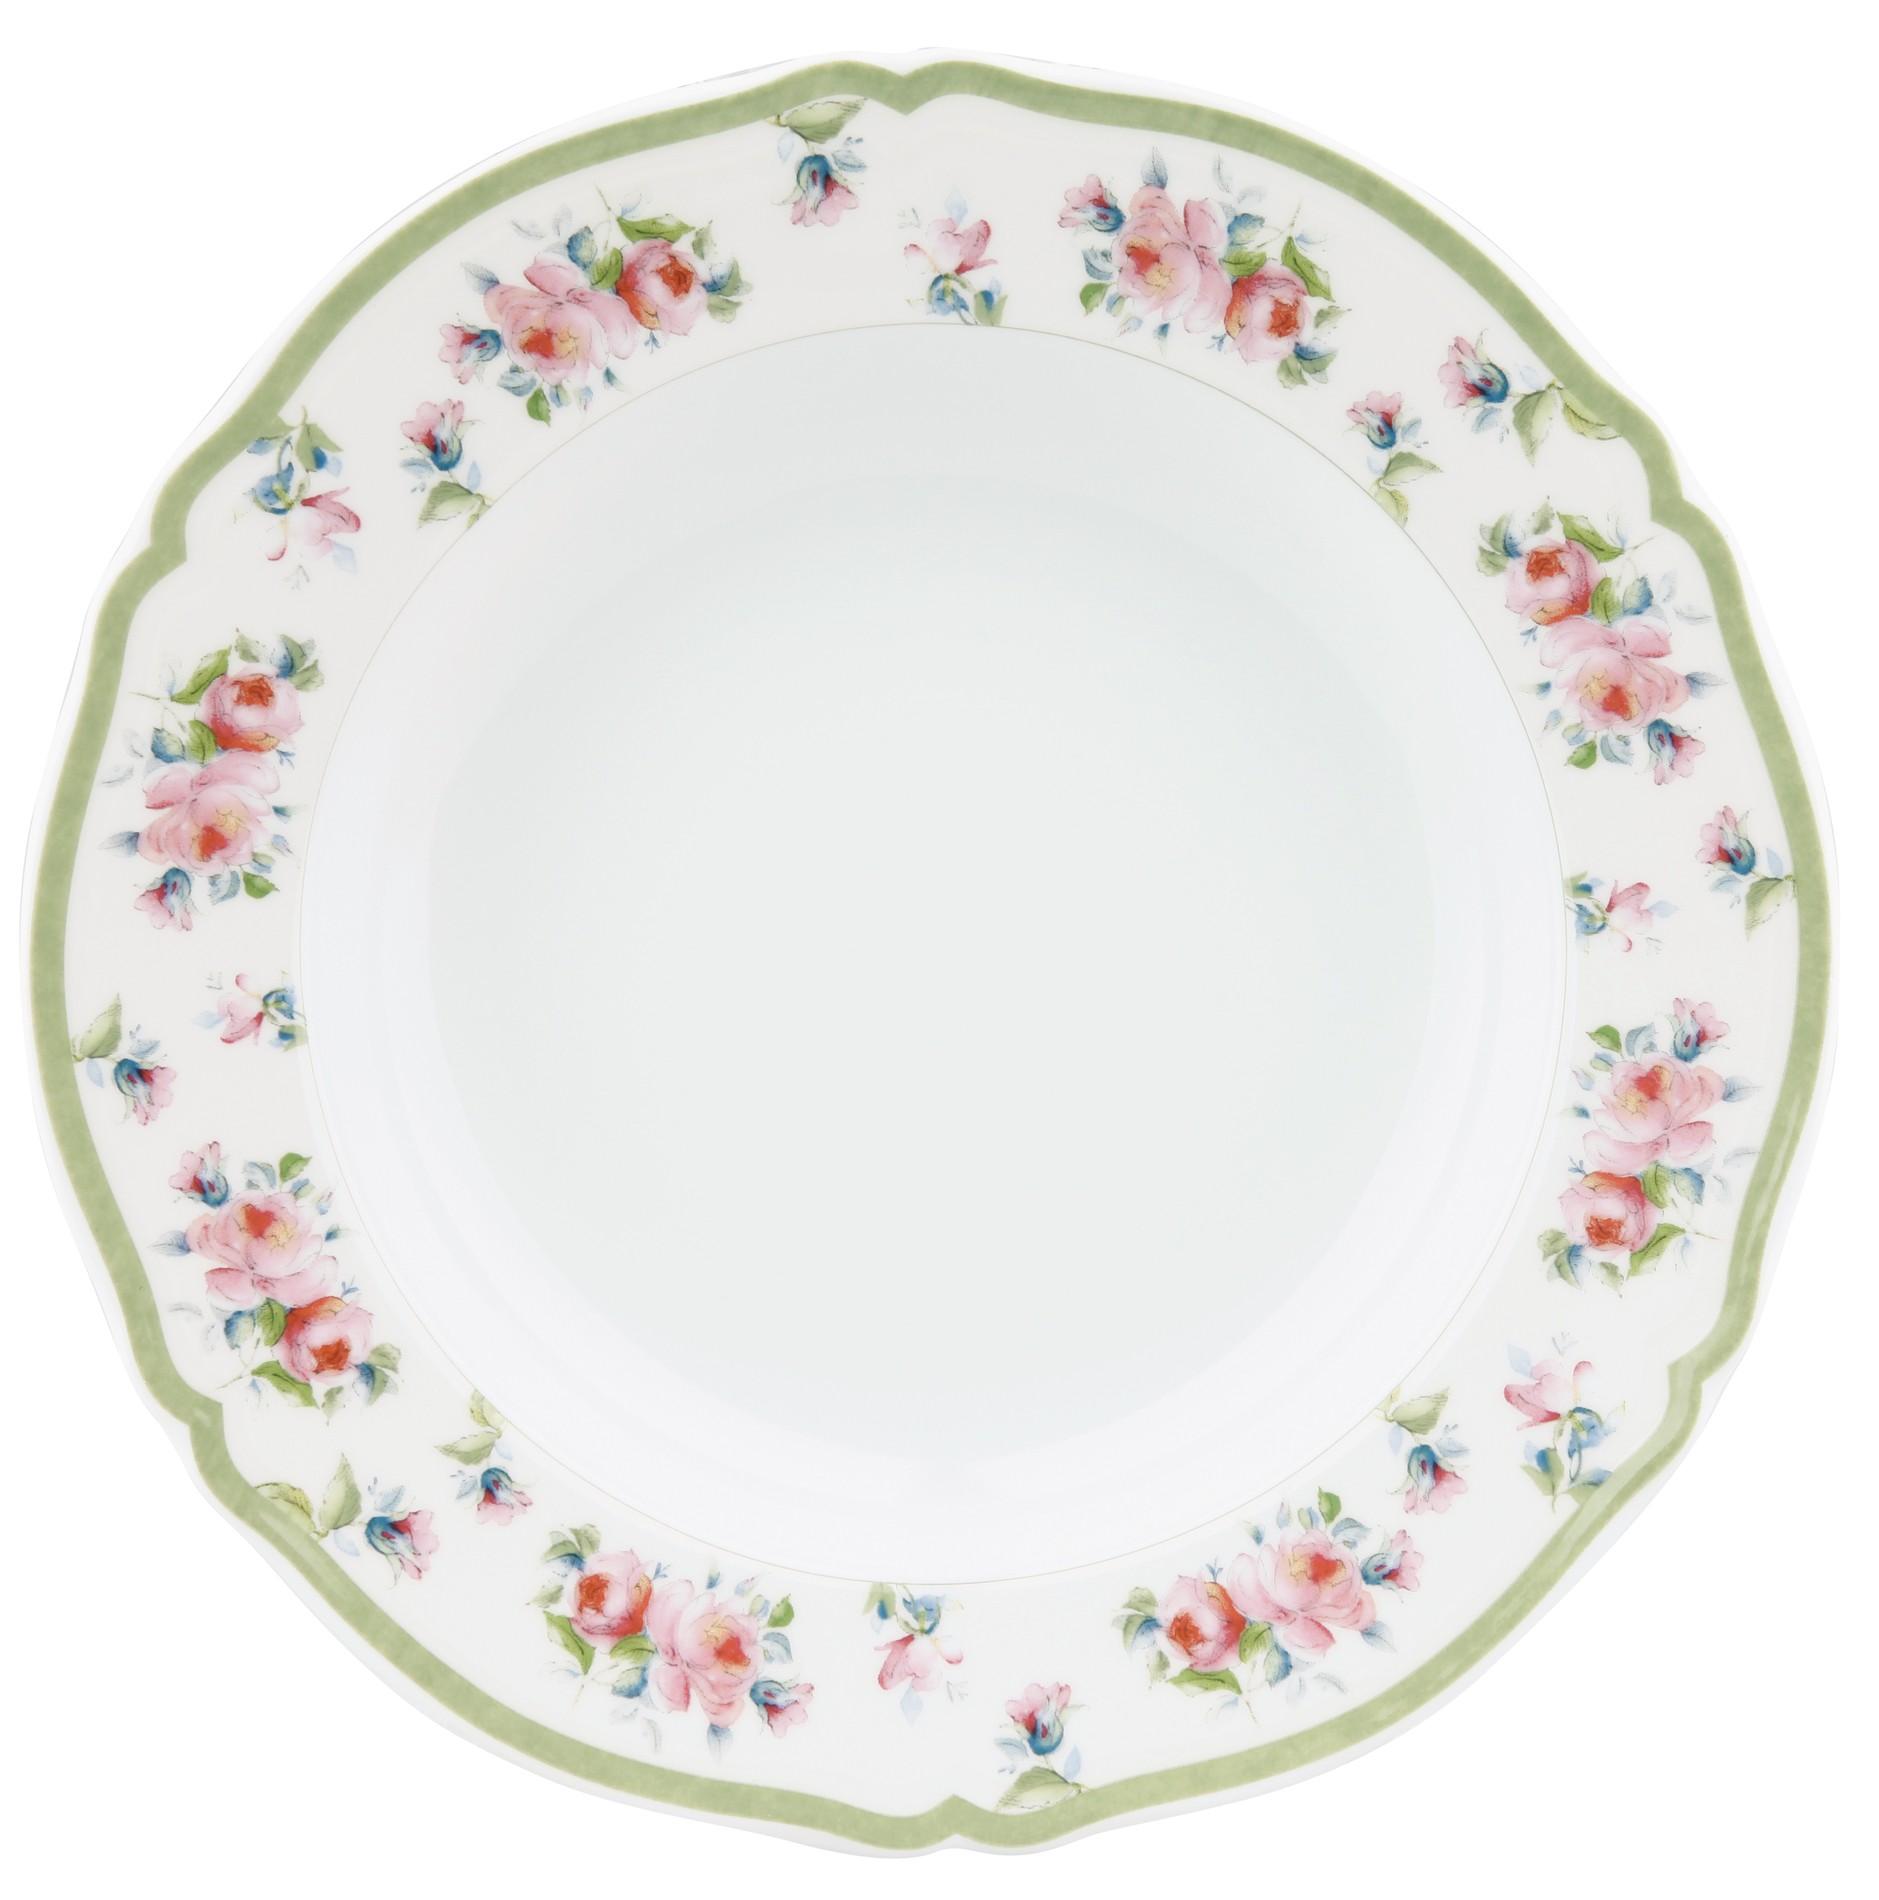 Πιάτο Βαθύ Στρογγυλό Σετ 6Τμχ Romantica 23,5cm Ionia home   ειδη σερβιρισματος   πιάτα